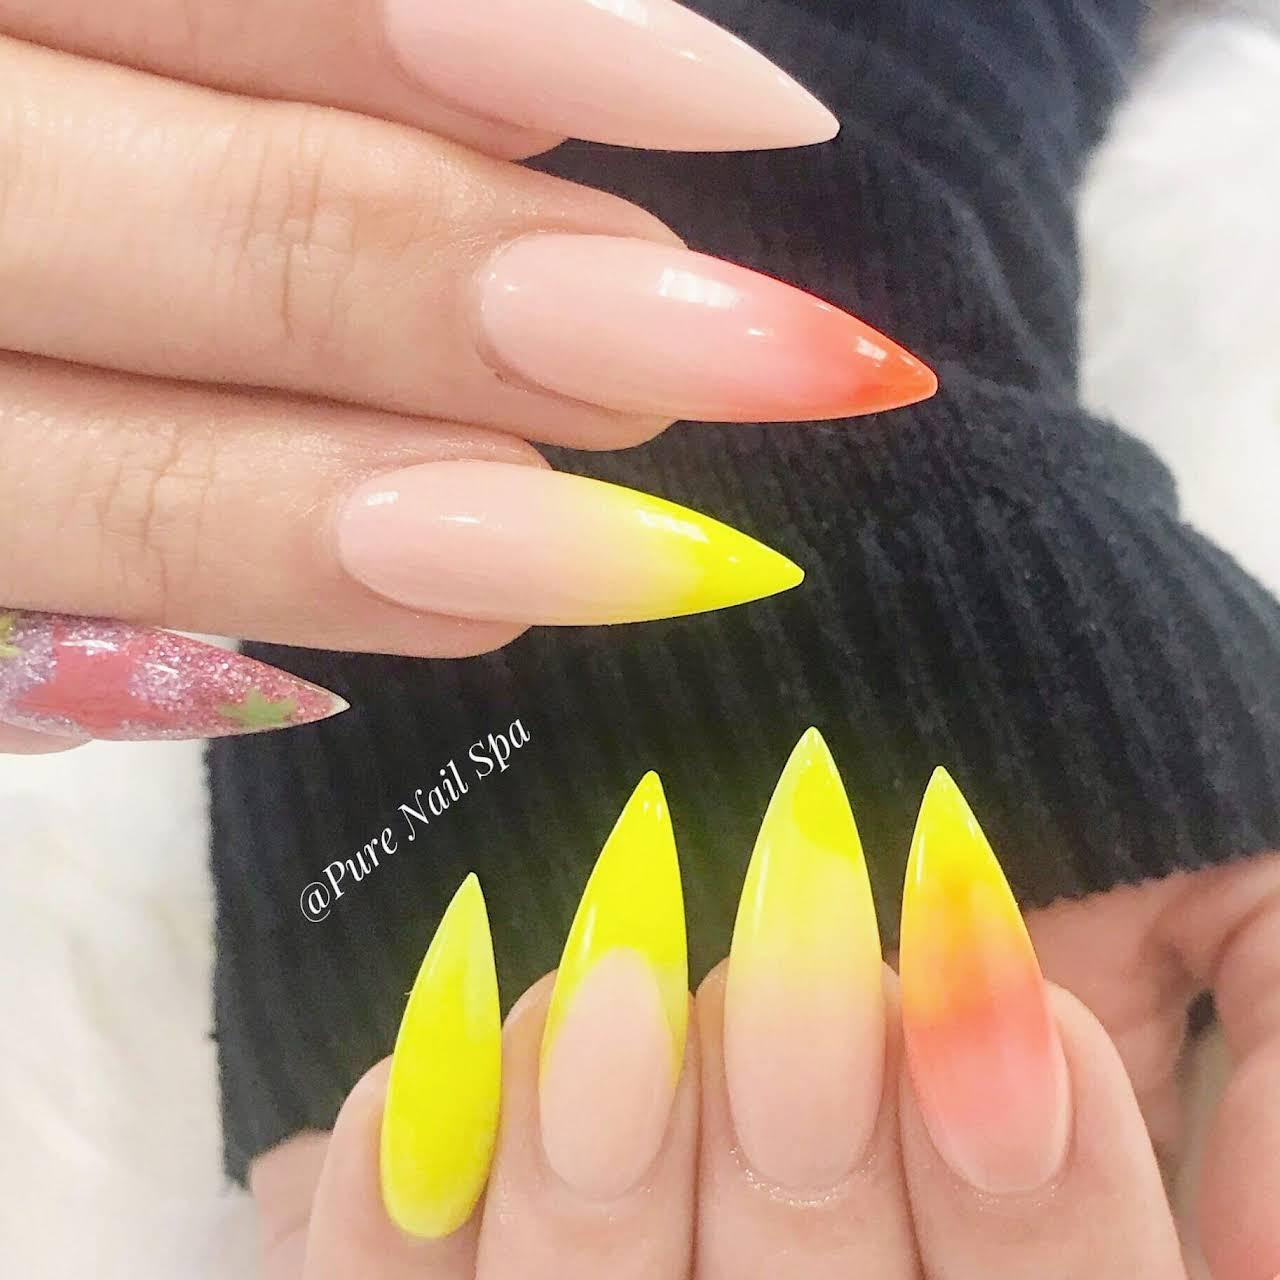 PURE Nails Spa - Nail Salon in Pasadena